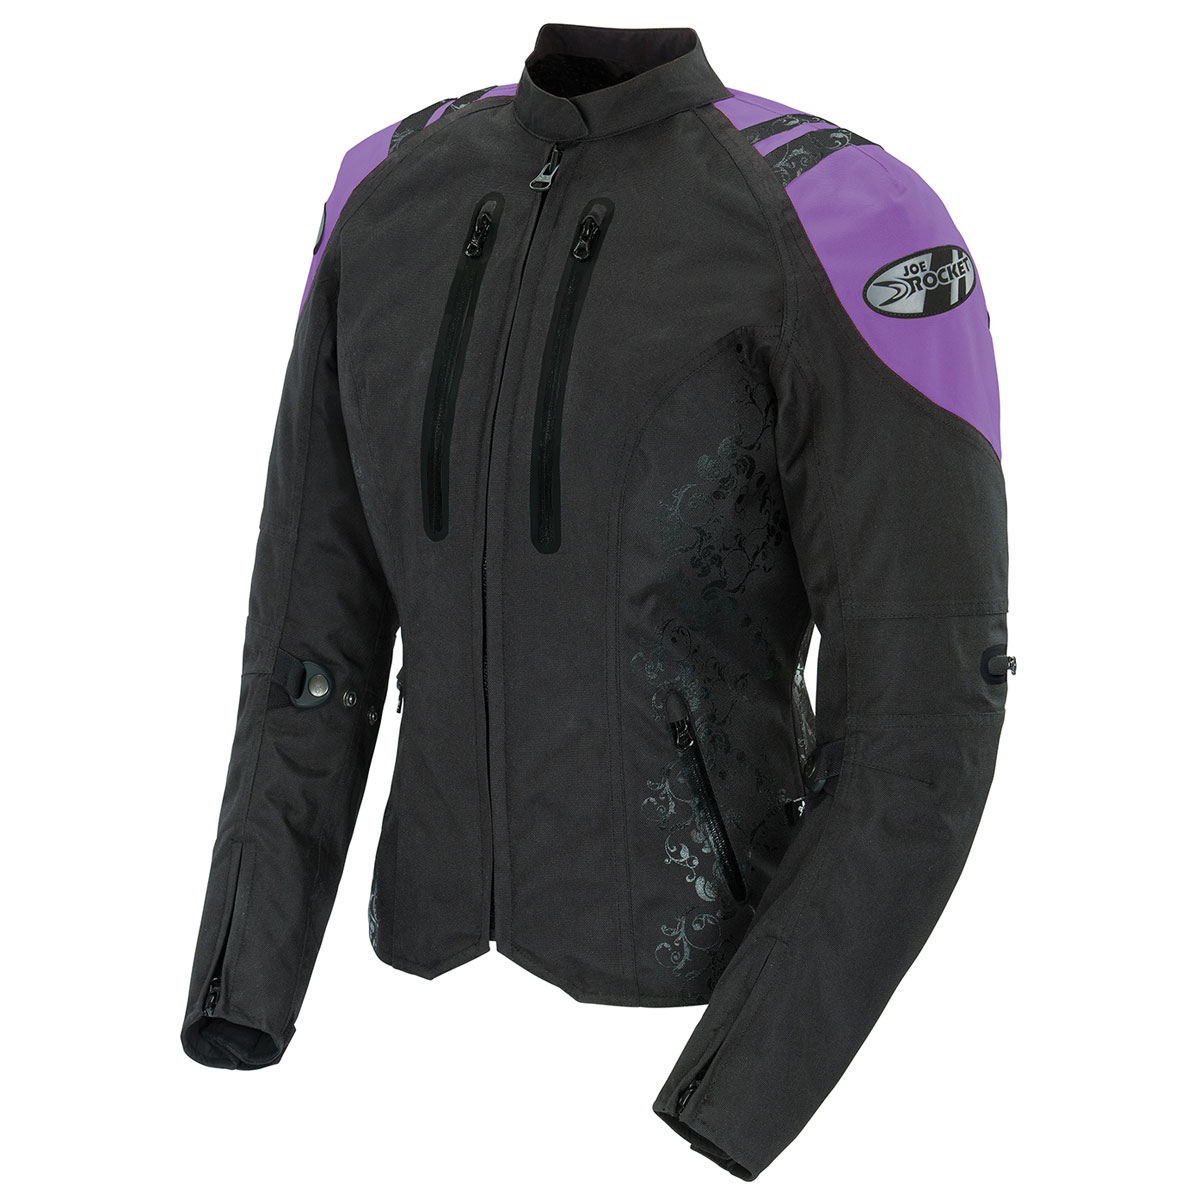 Joe Rocket Women's Atomic 4.0 Waterproof Purple/Black Jacket